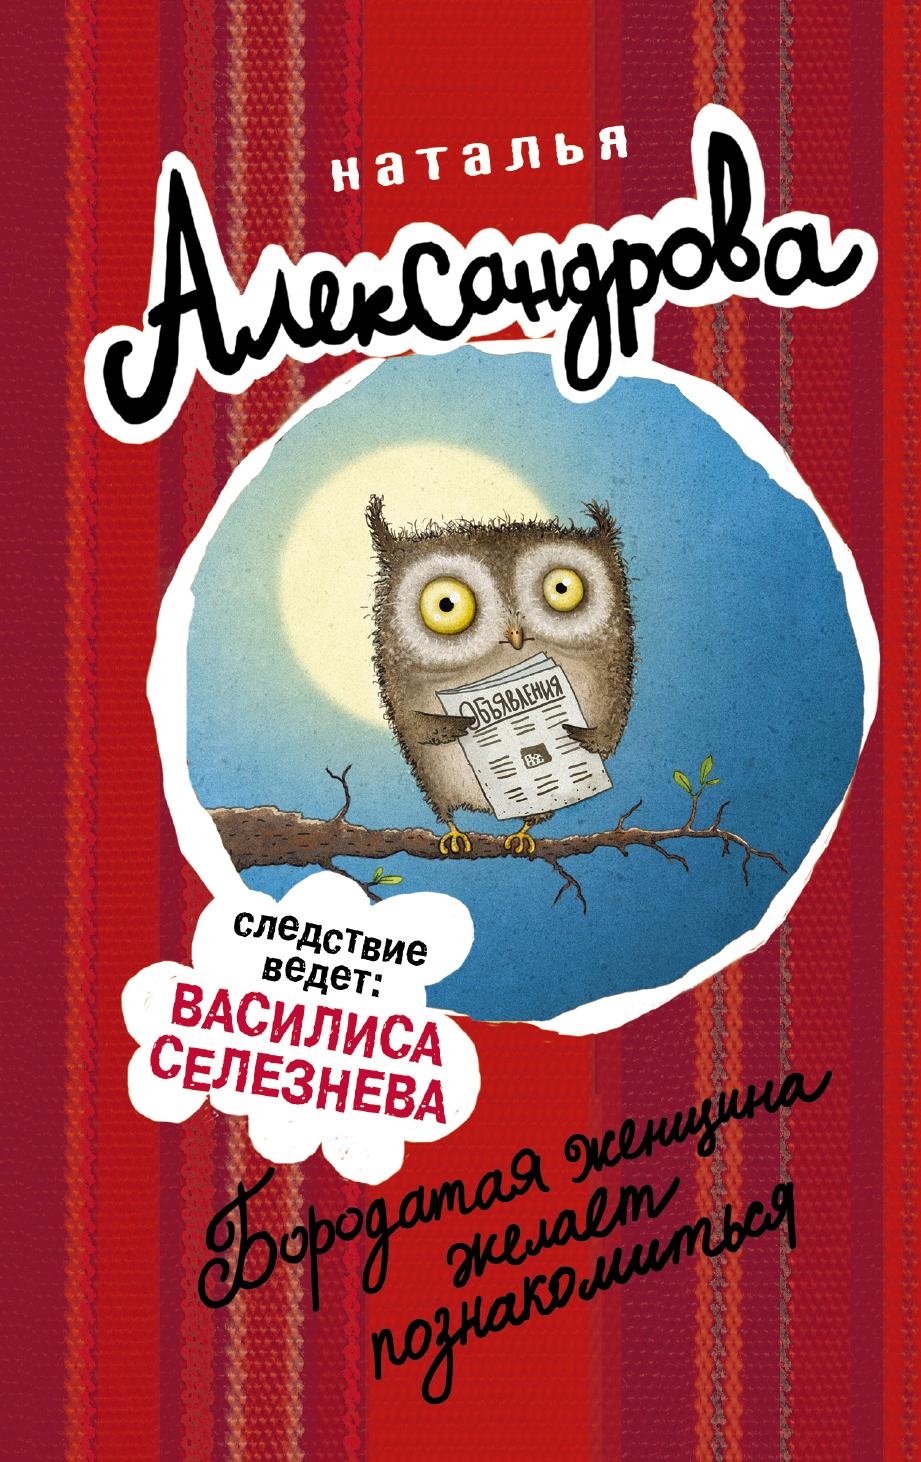 Александрова Наталья Николаевна Бородатая женщина желает познакомиться vможно квартиру без согасия мужа